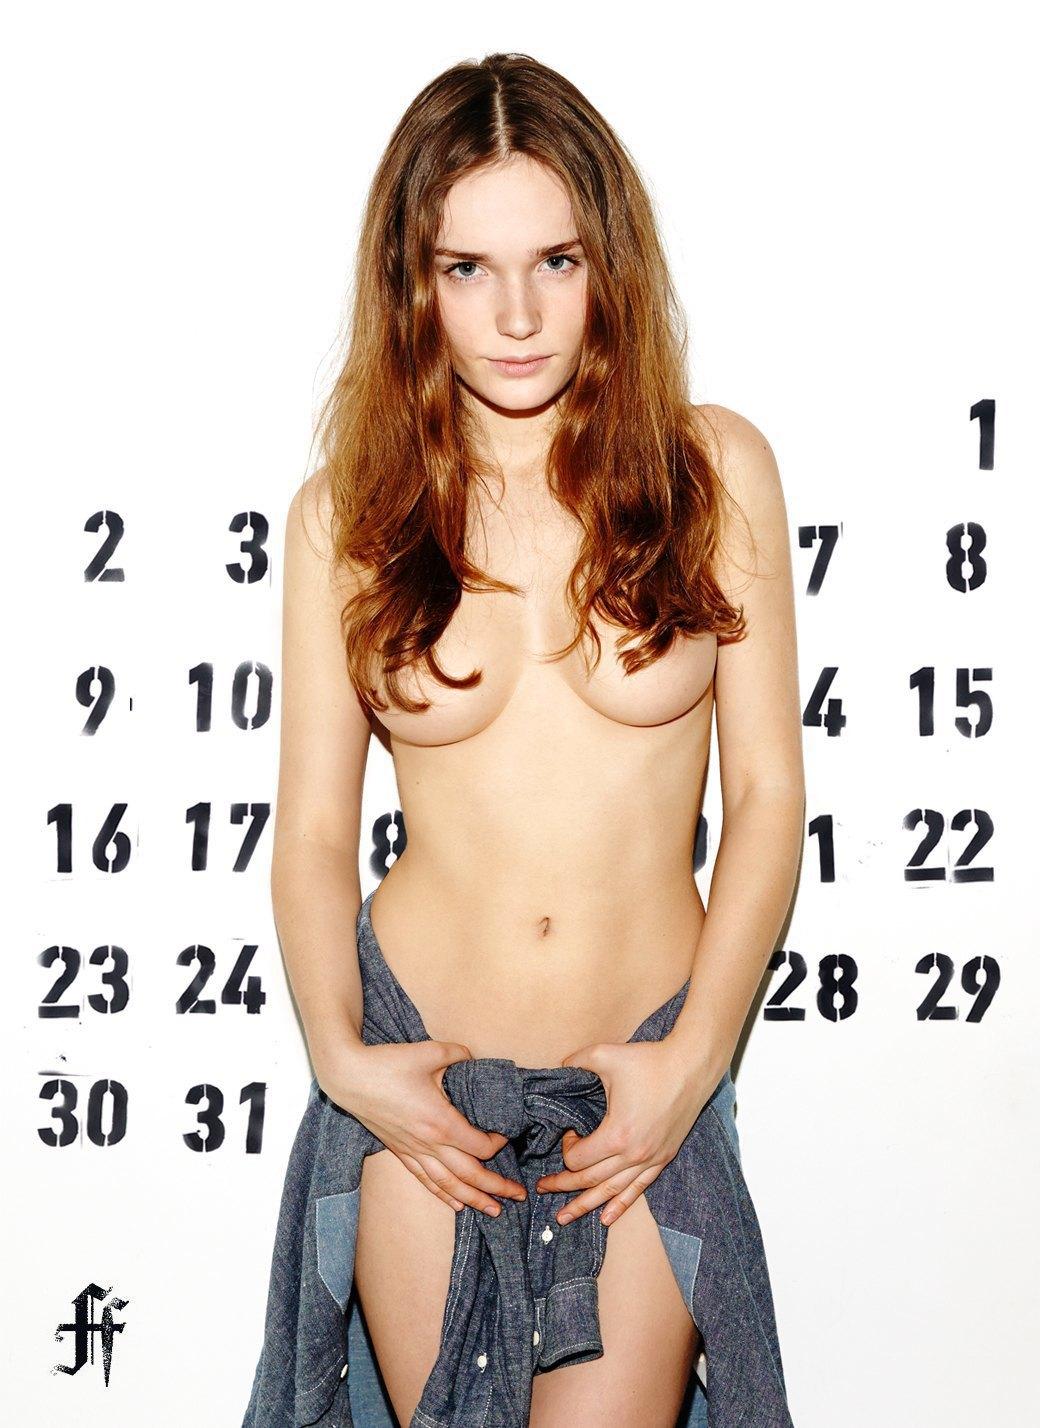 Календарь FURFUR на 2013 год. Изображение № 12.